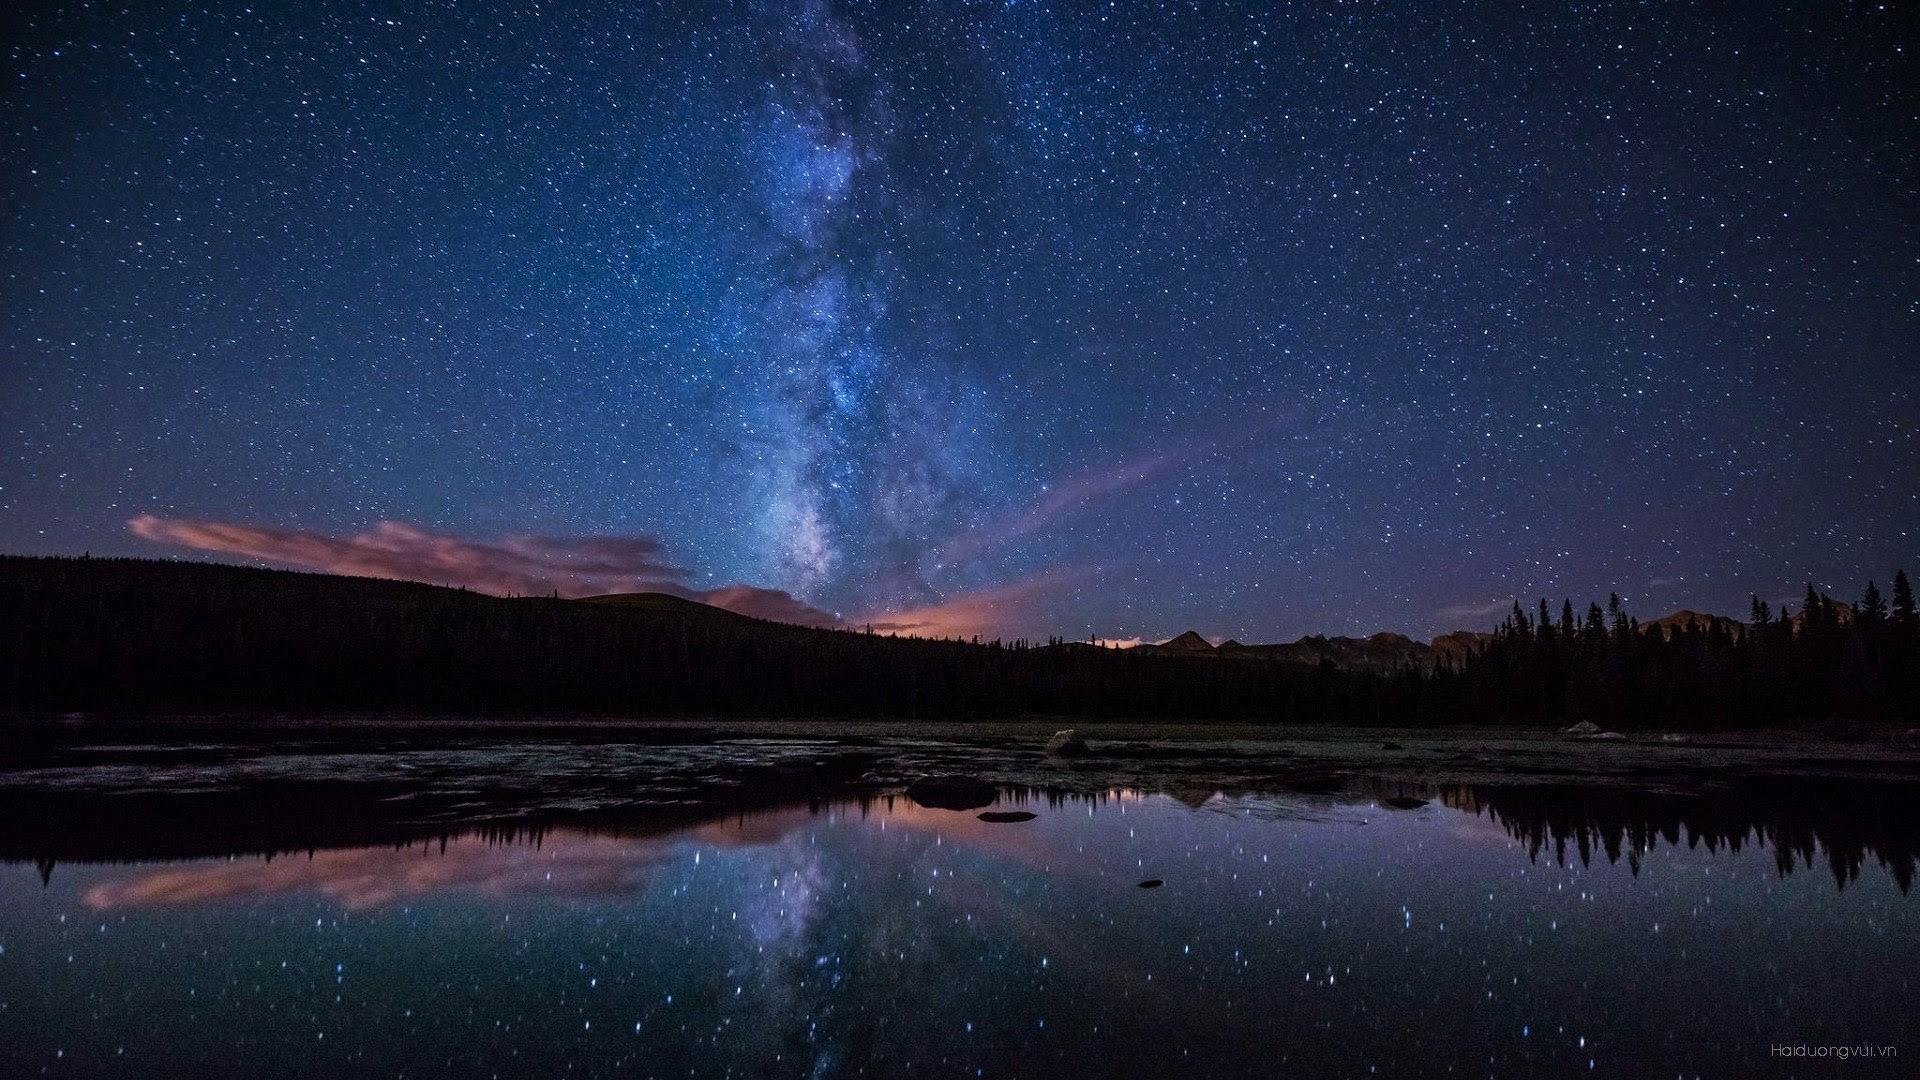 Фото обои ночное звездное небо и природа